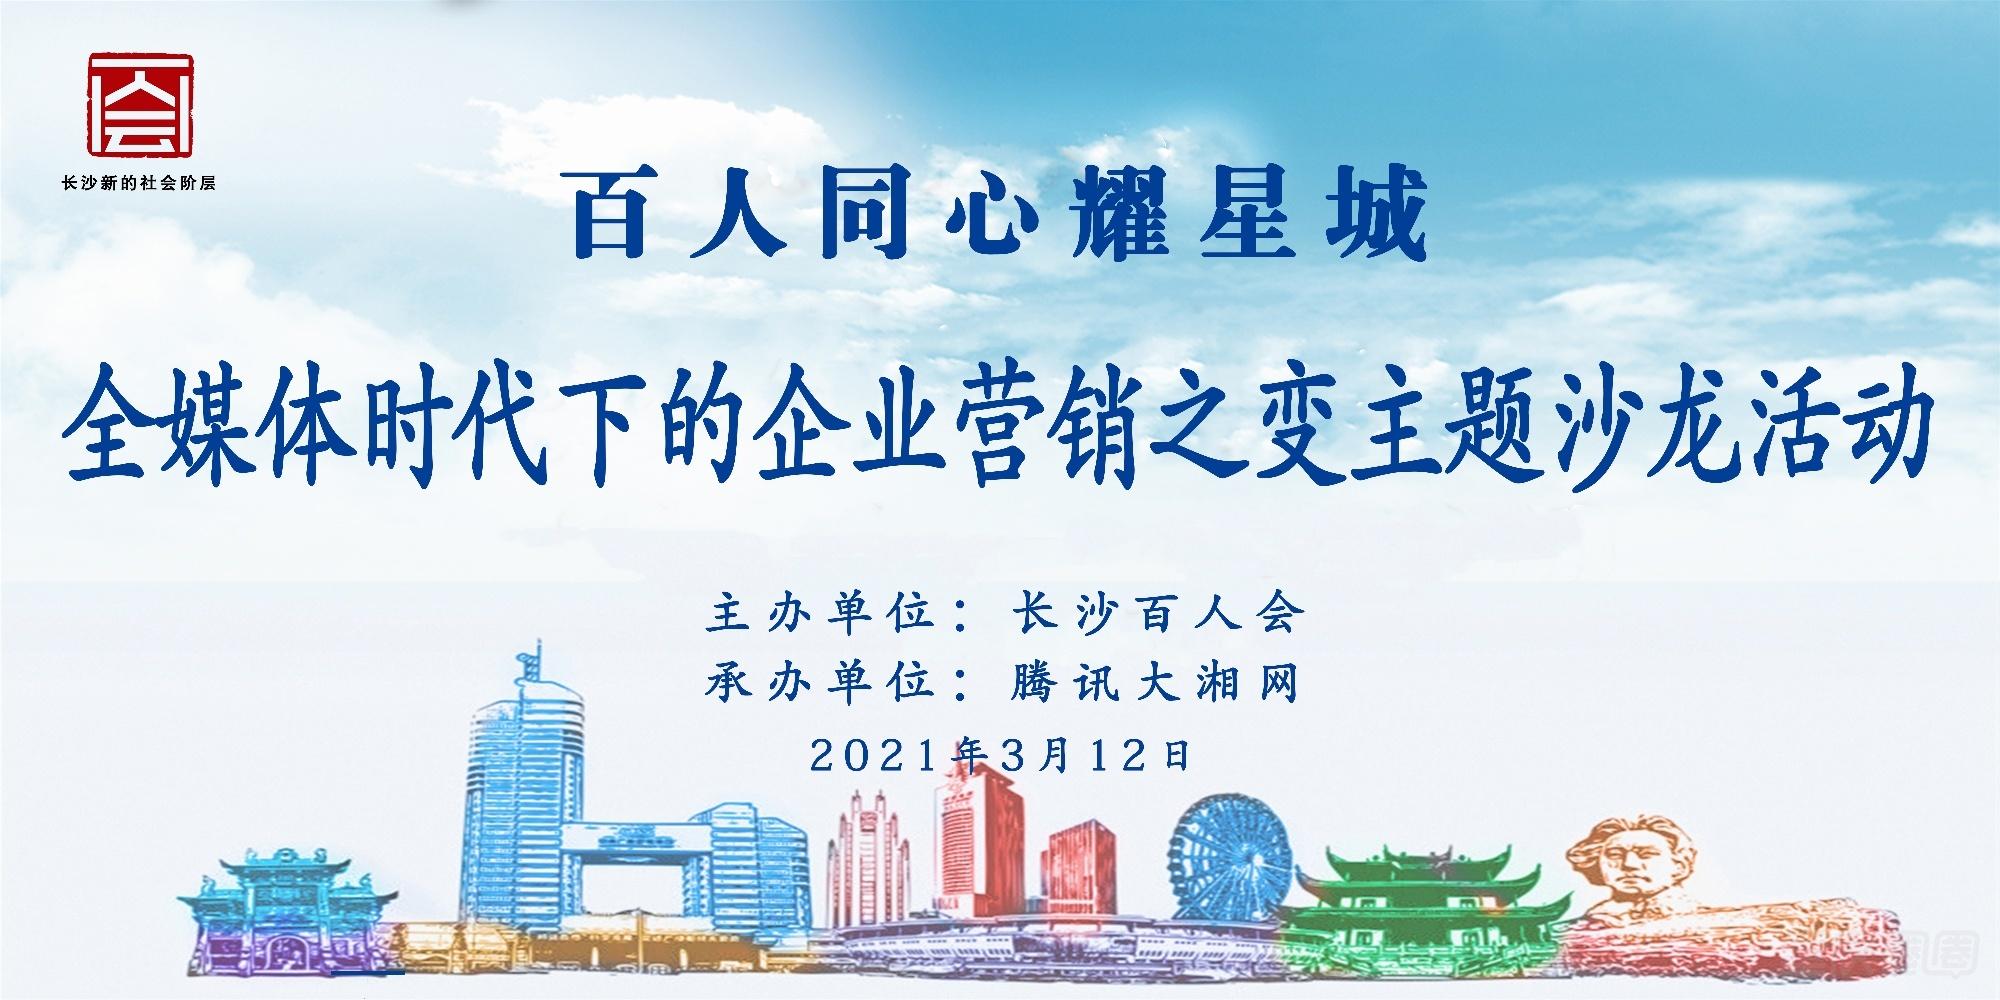 """2021年3月12日长沙""""百人会""""齐聚一起,跨界交流探索营销新玩法"""